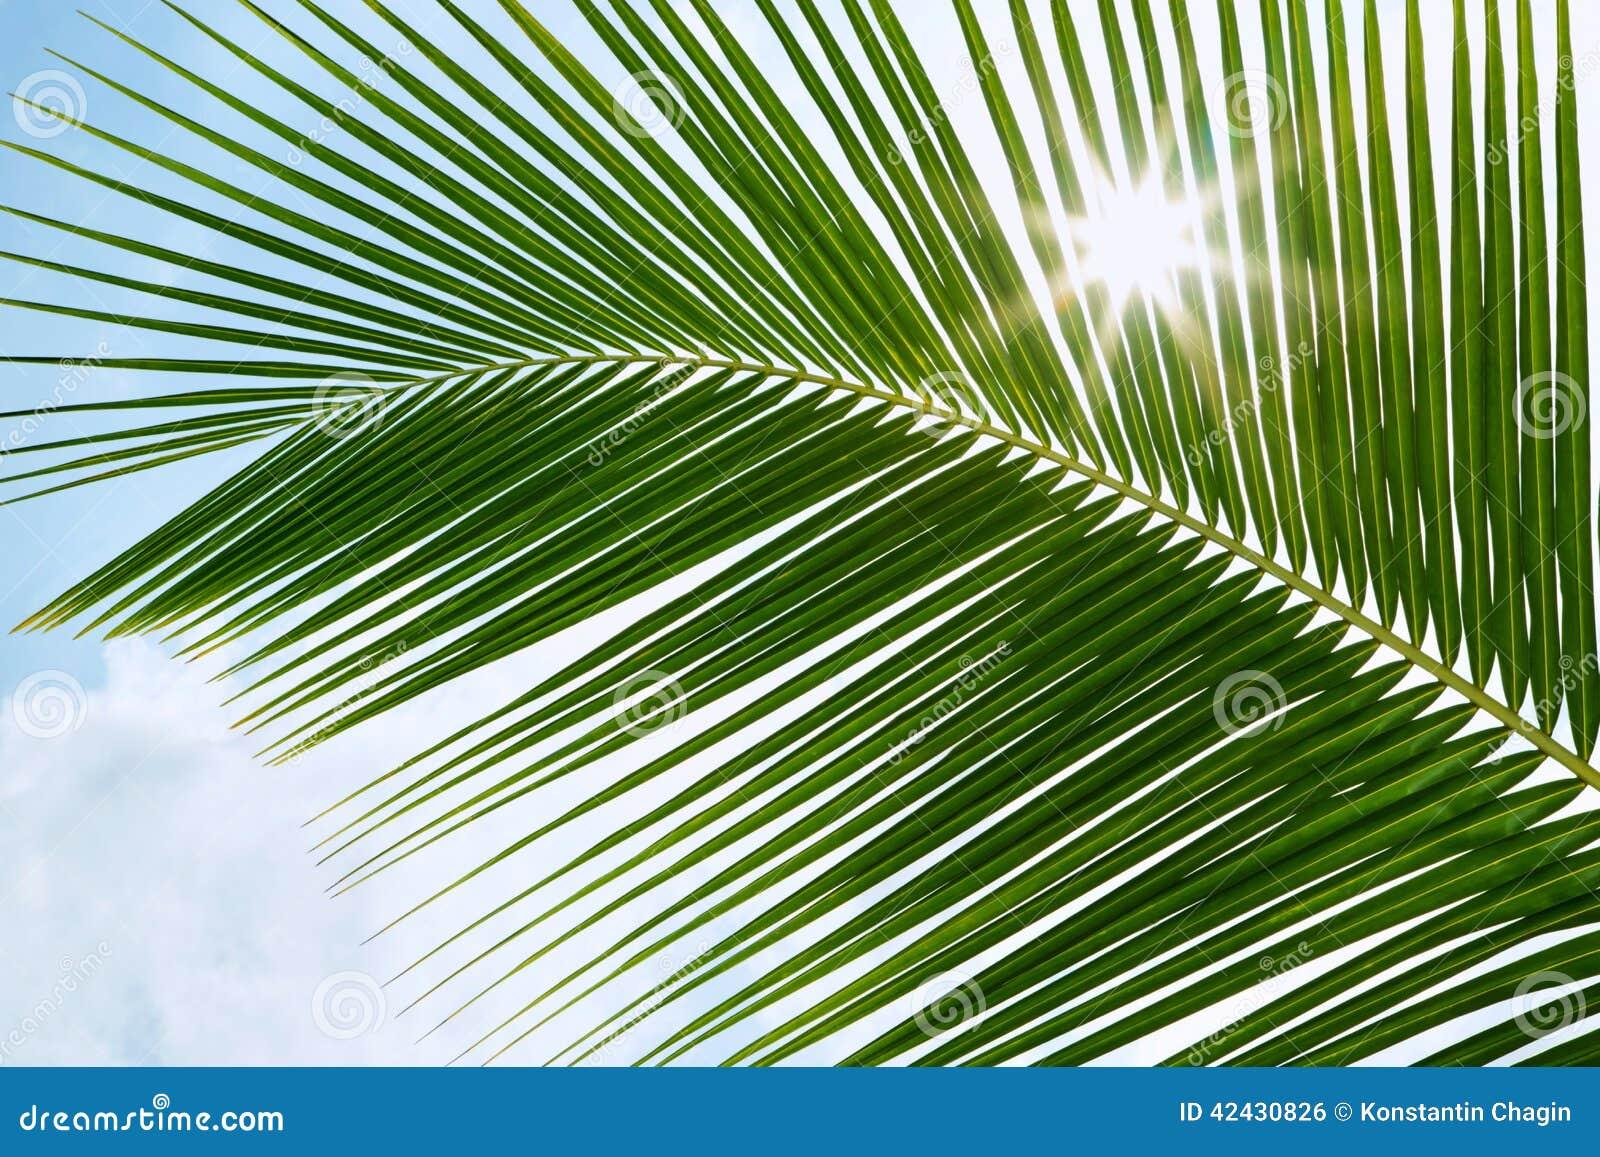 Hojas de palma verdes en la sol con el rayo de sol